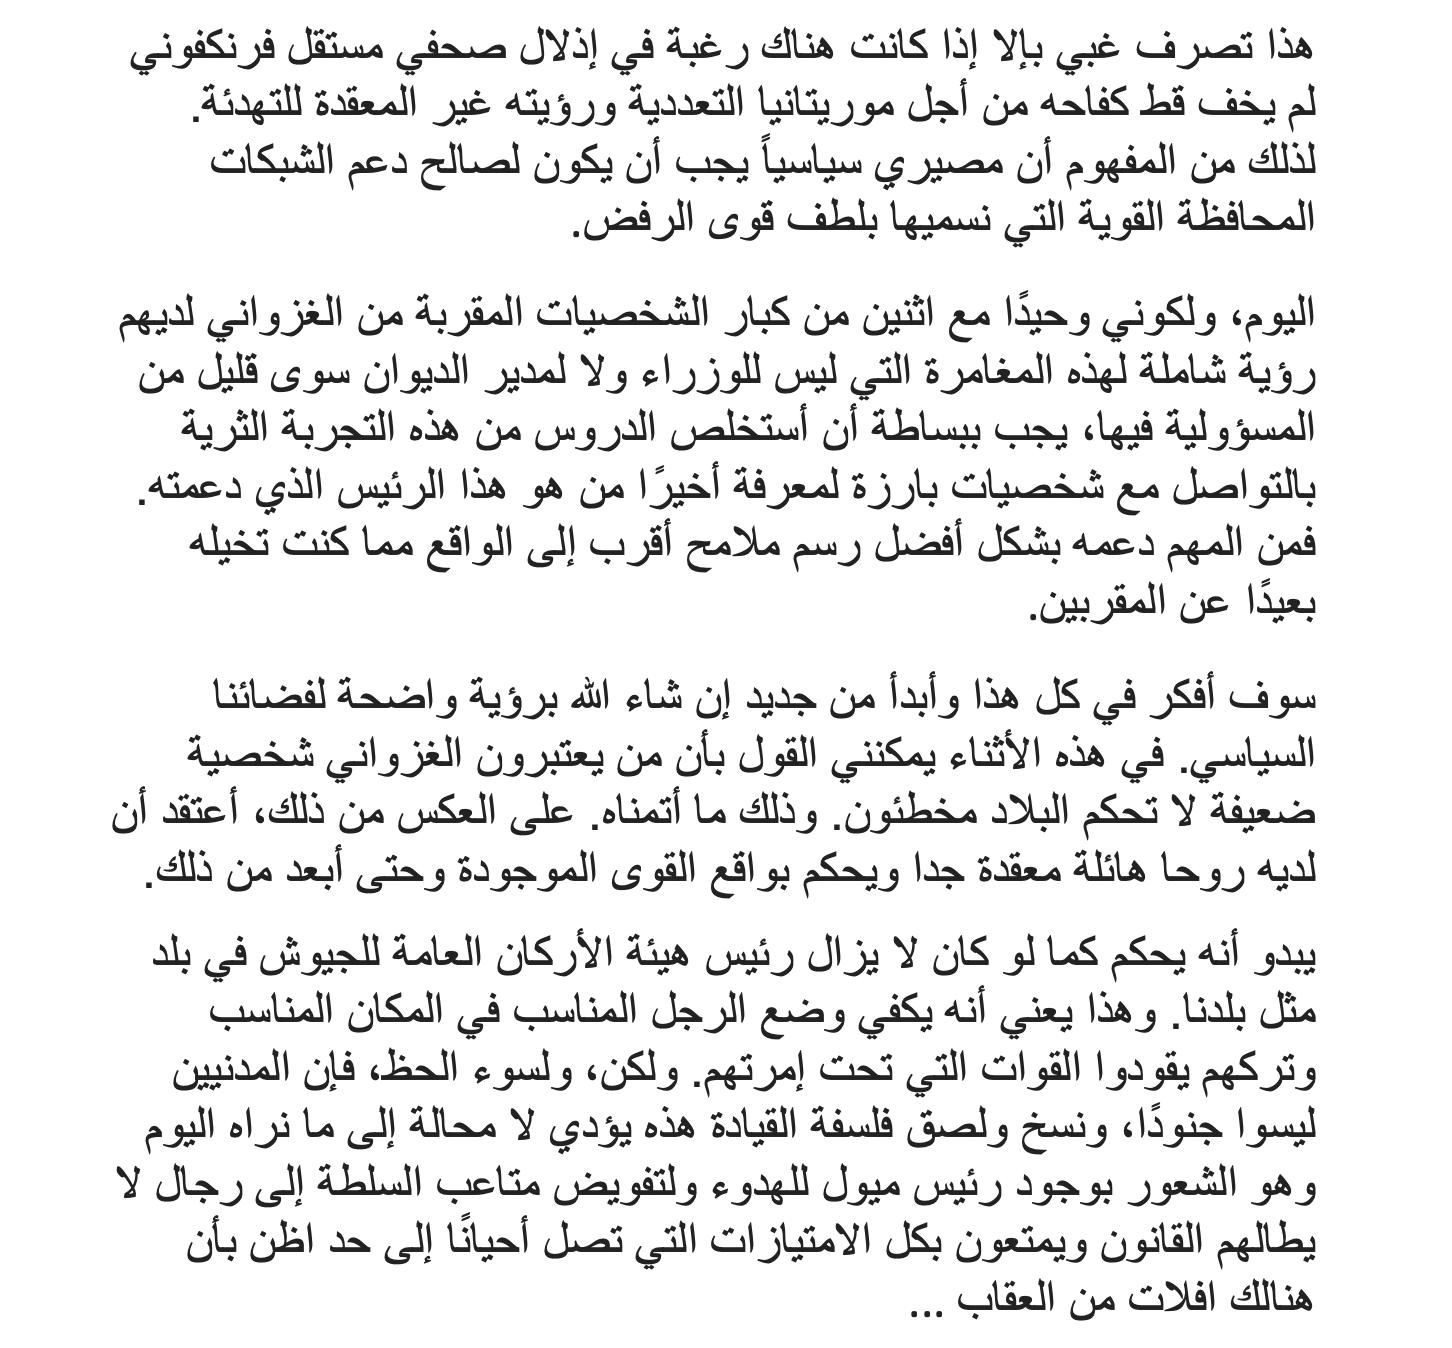 """اعتذاري"""" لمدير ديوان الغزواني: بالتأكيد قد أخطأت في فهم الشخص"""""""